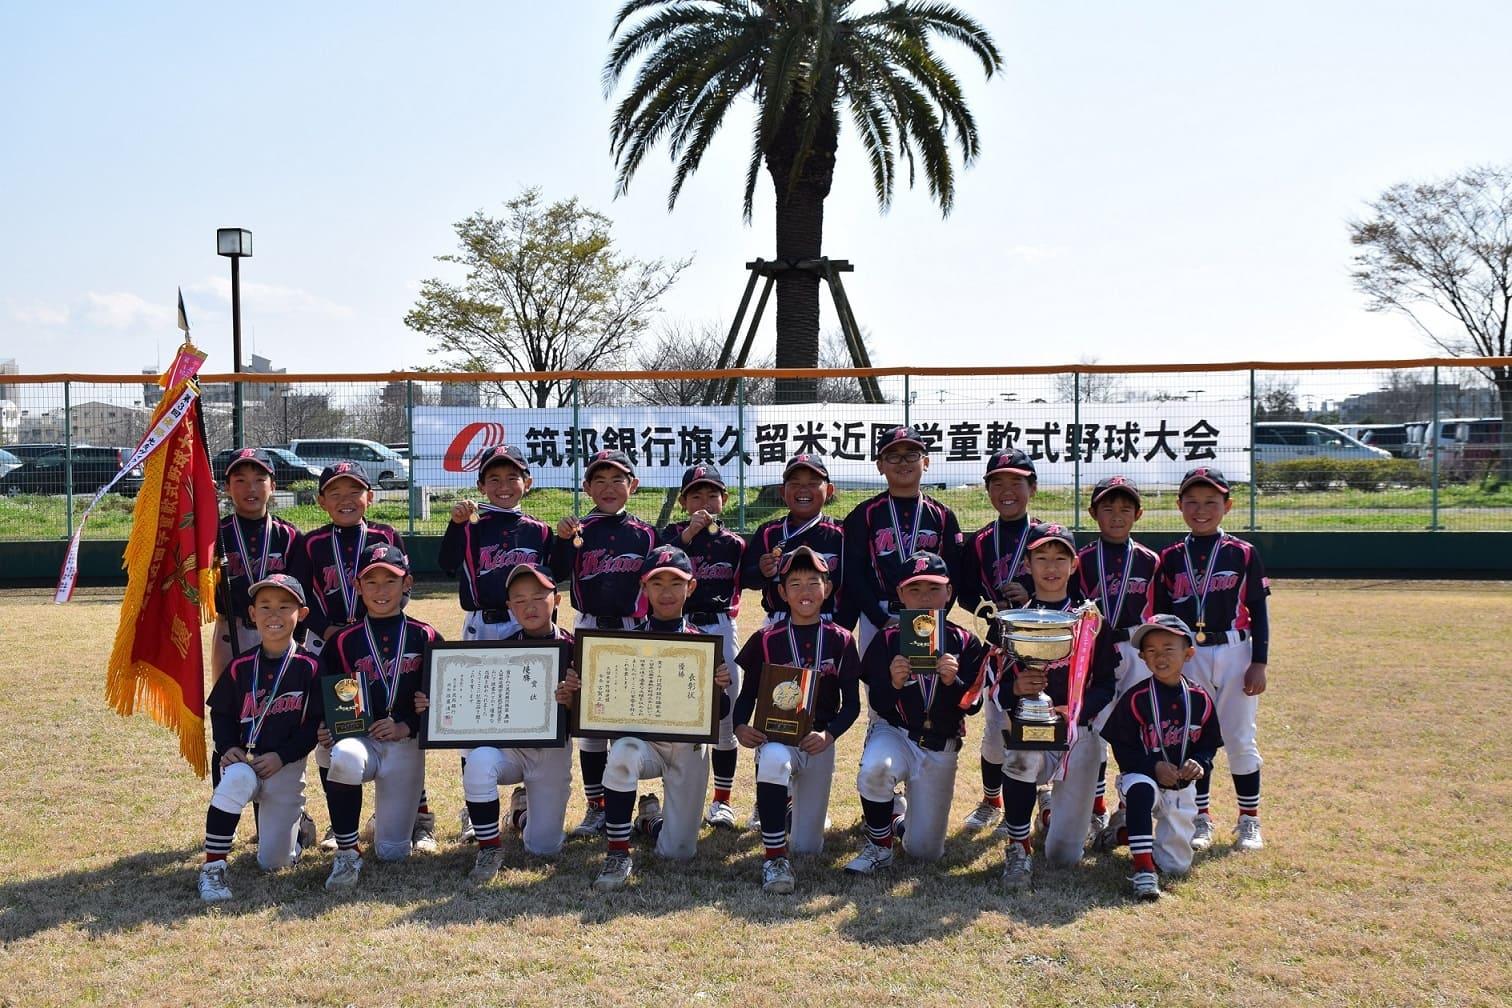 筑邦銀行旗第4回久留米近圏学童軟式野球大会